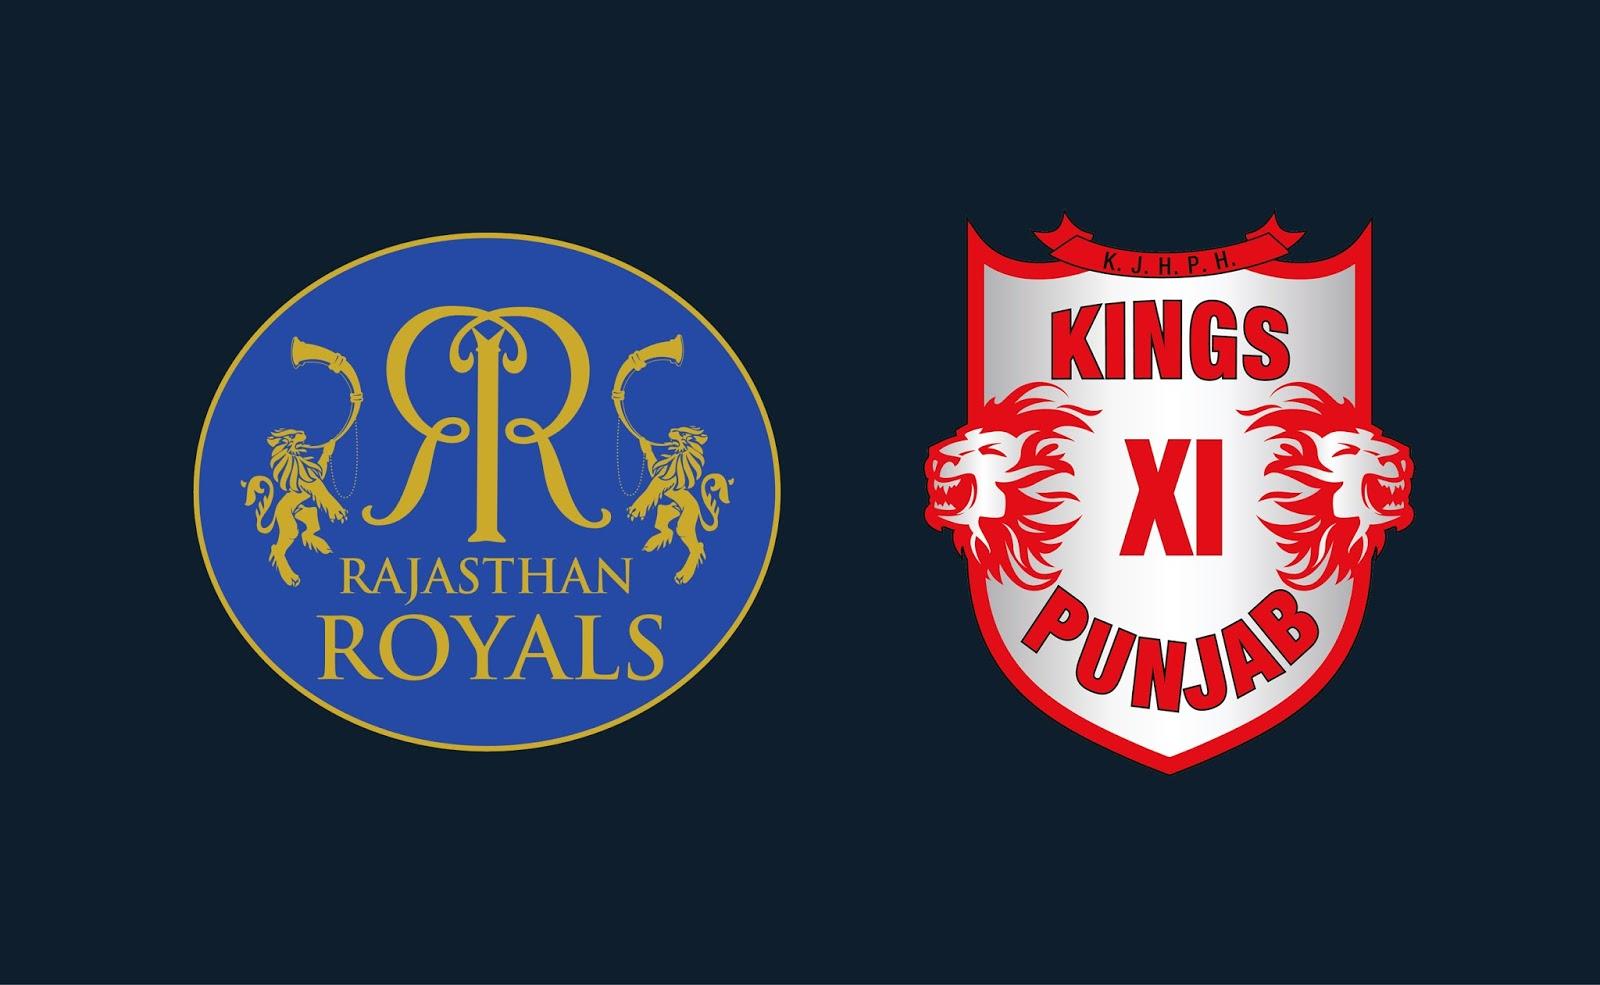 राजस्थान रॉयल्स और पंजाब किंग्स इलेवन के बीच आज होगी टक्कर, जानें प्लेइंग इलेवन